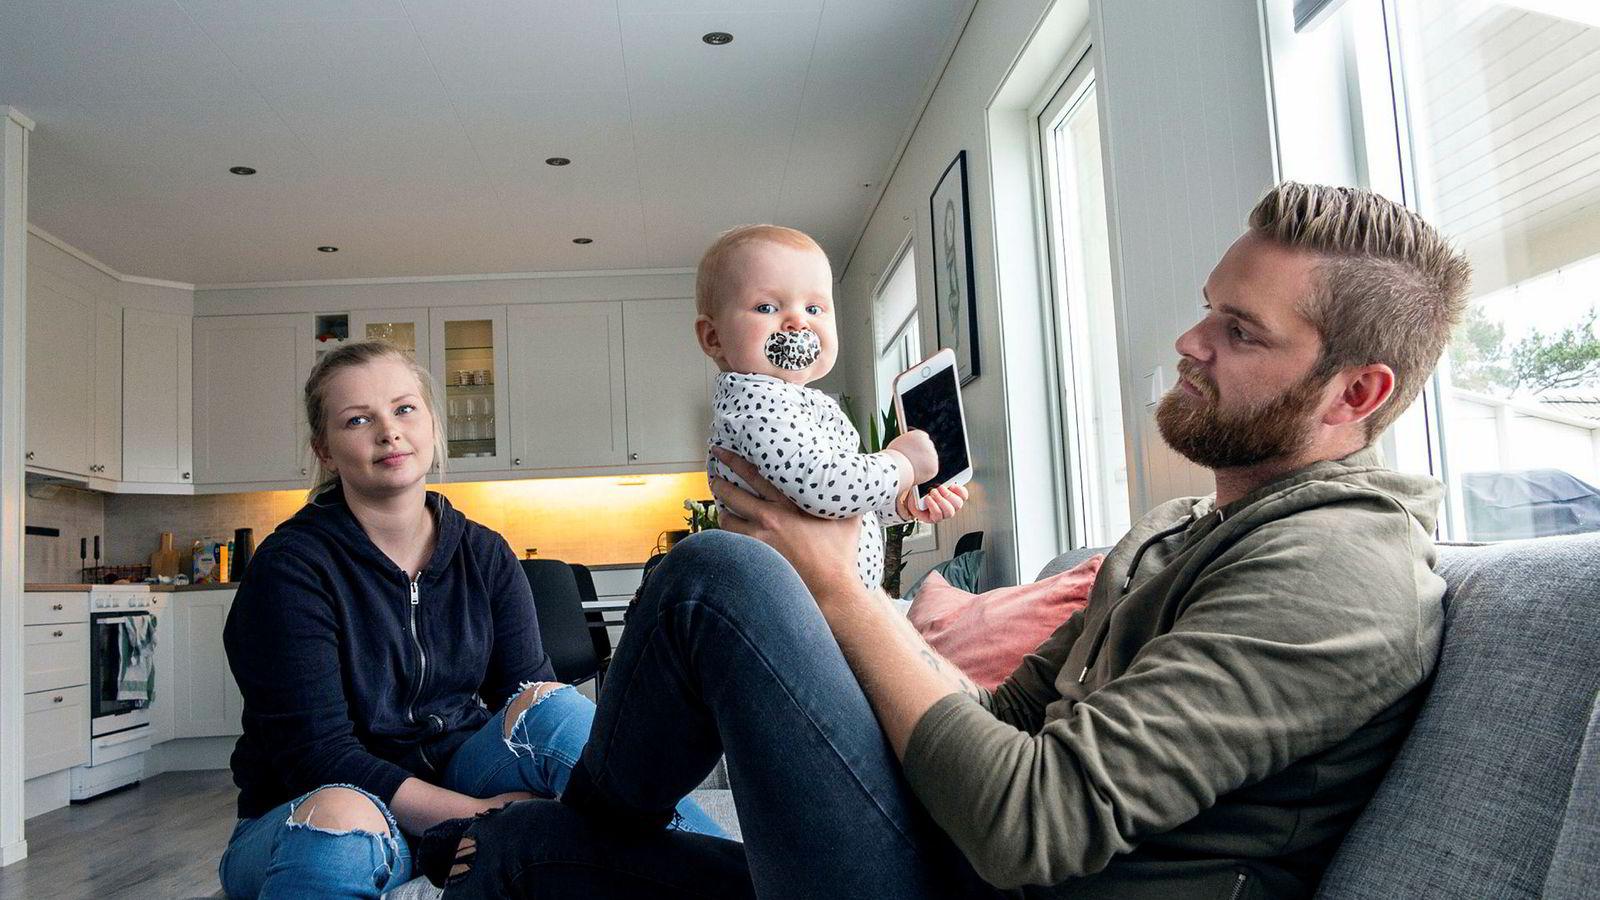 – Det passer fint med pappaperm nå som fotball-VM starter, sier pappa Stian Sundal. Ni måneder gamle Sophie vil imidlertid også kjempe om oppmerksomheten til Sundal og samboer Rebekka Ølmheim.